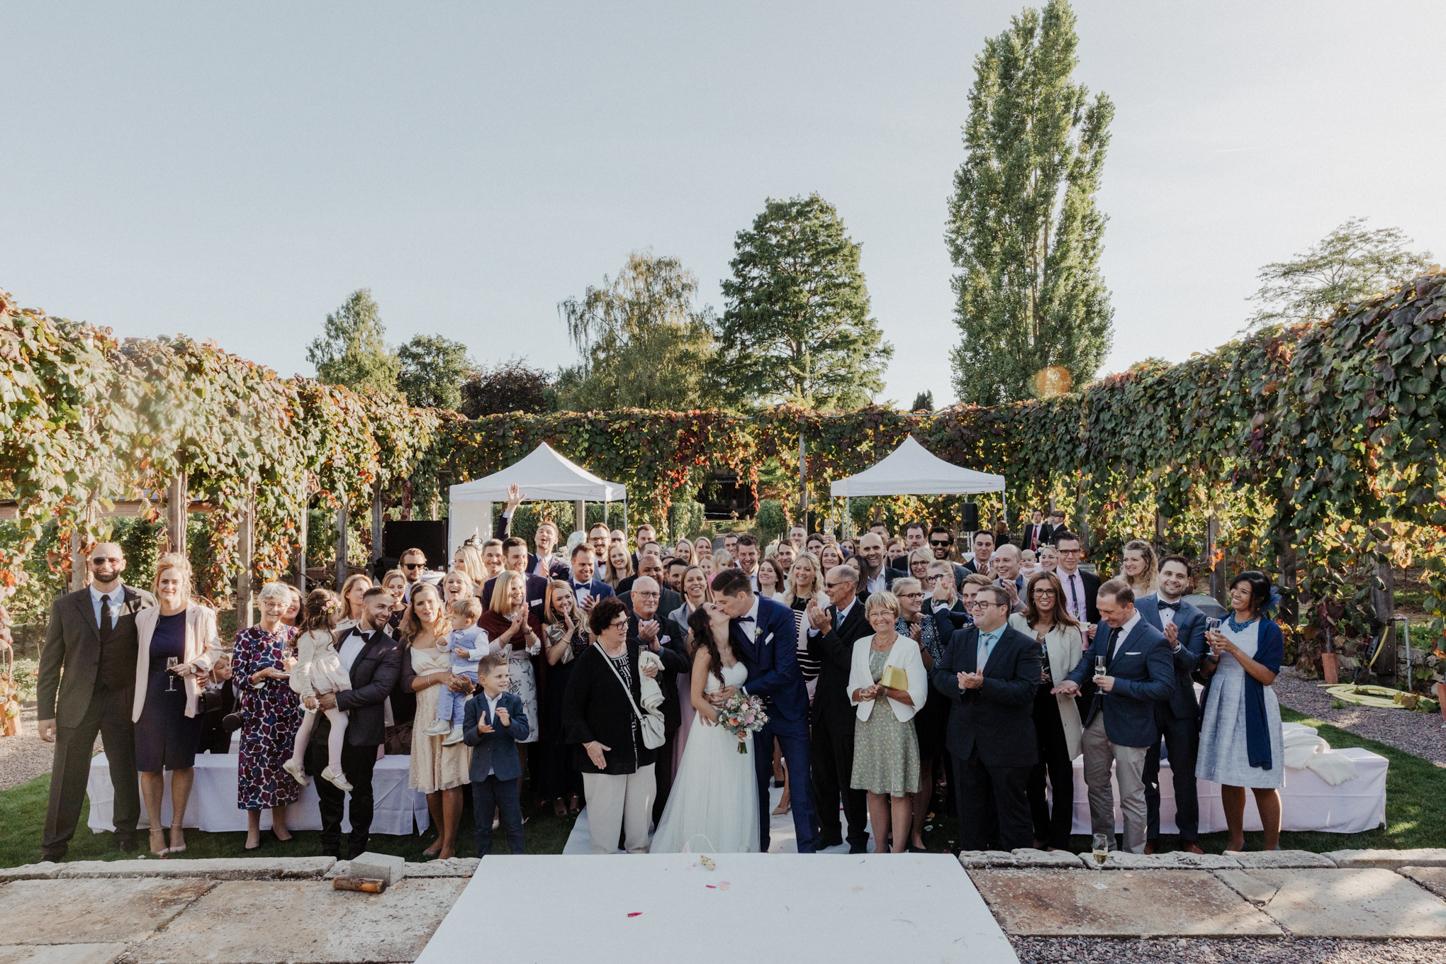 Gruppenfoto einer ganzen Hochzeitsgesellschaft